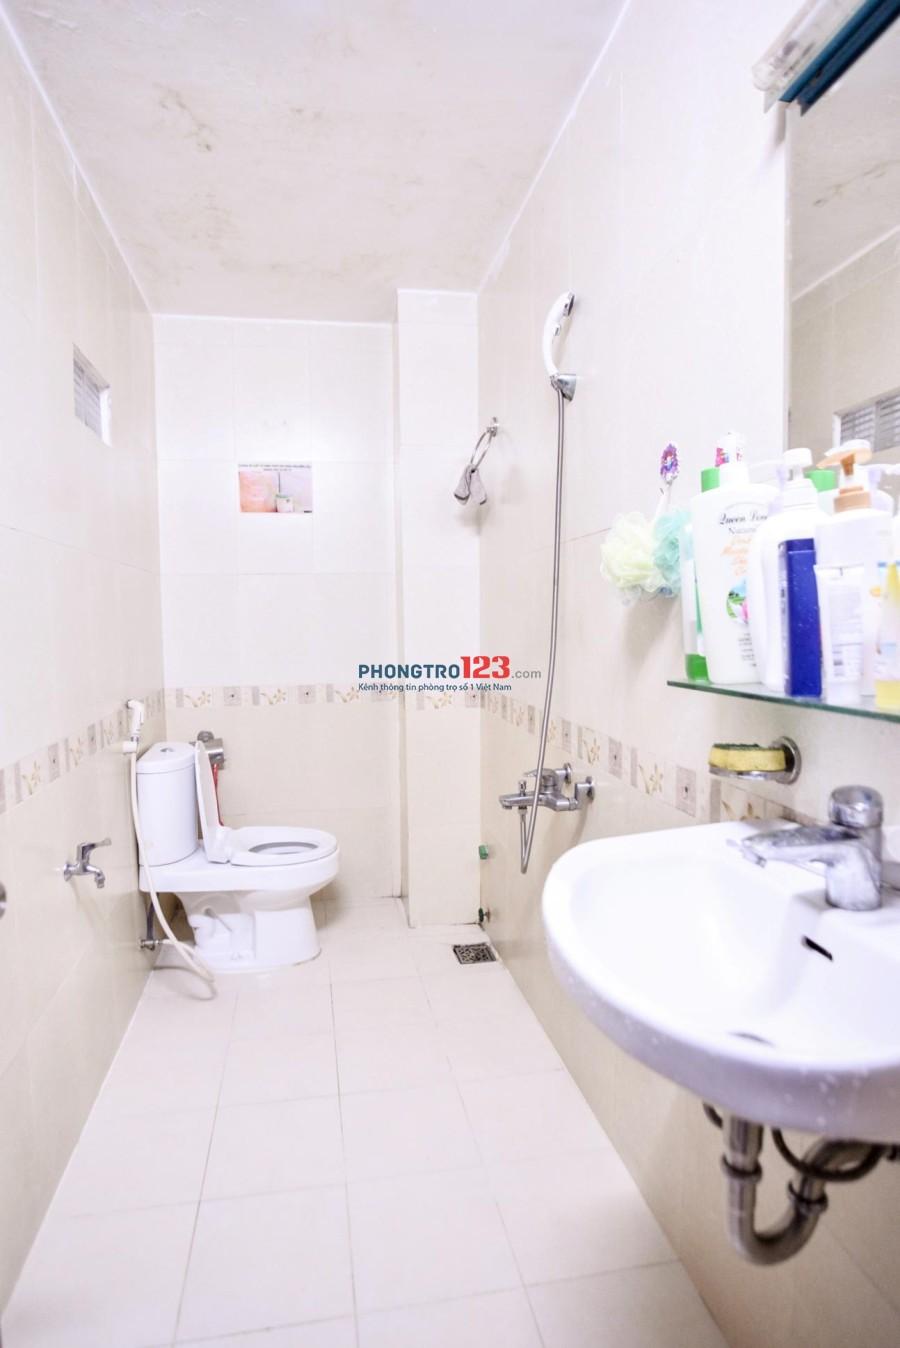 Phòng BAN CÔNG 30m2,gần SÂN BAY,bếp nấu ăn, có nội thất, free dịch vụ, vệ sinh riêng 5tr3